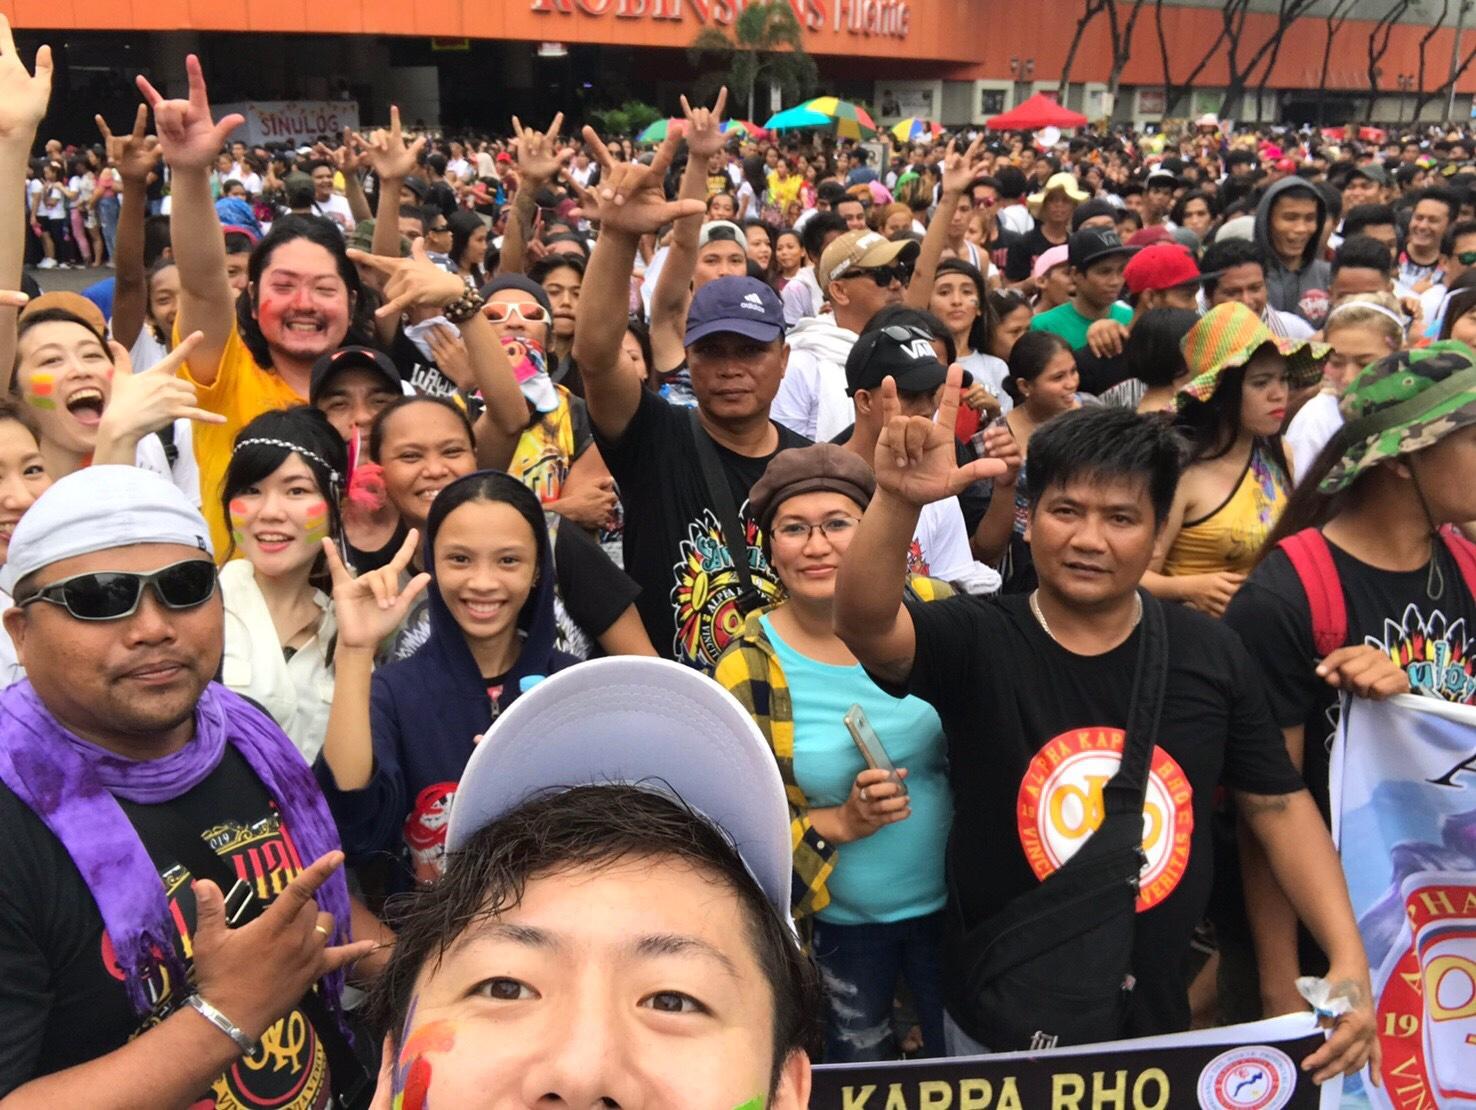 フィリピン最大のお祭り「シヌログフェスティバル 2019」